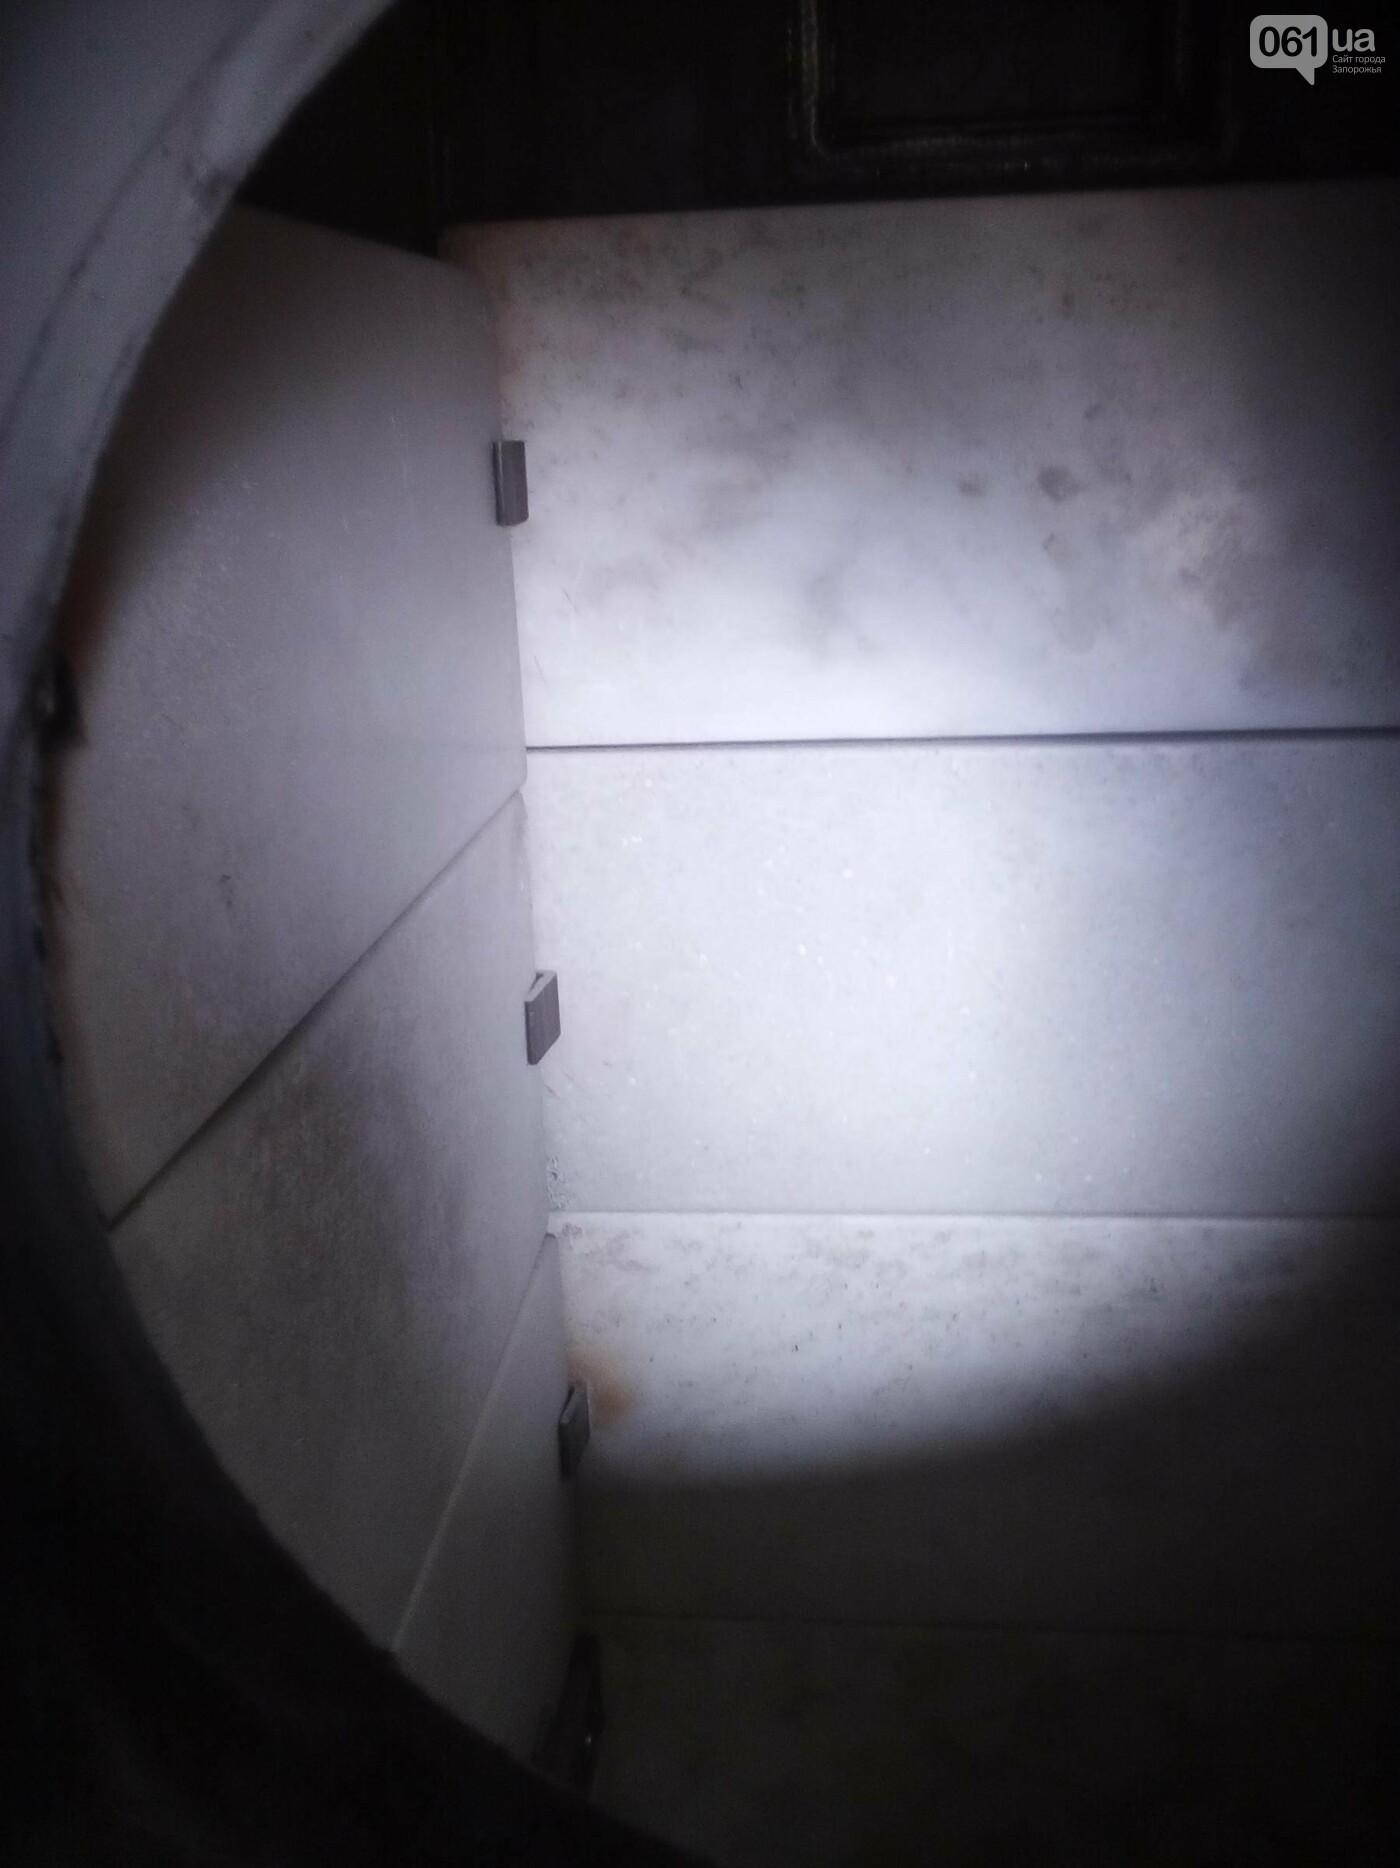 Тепло в доме, фото-30